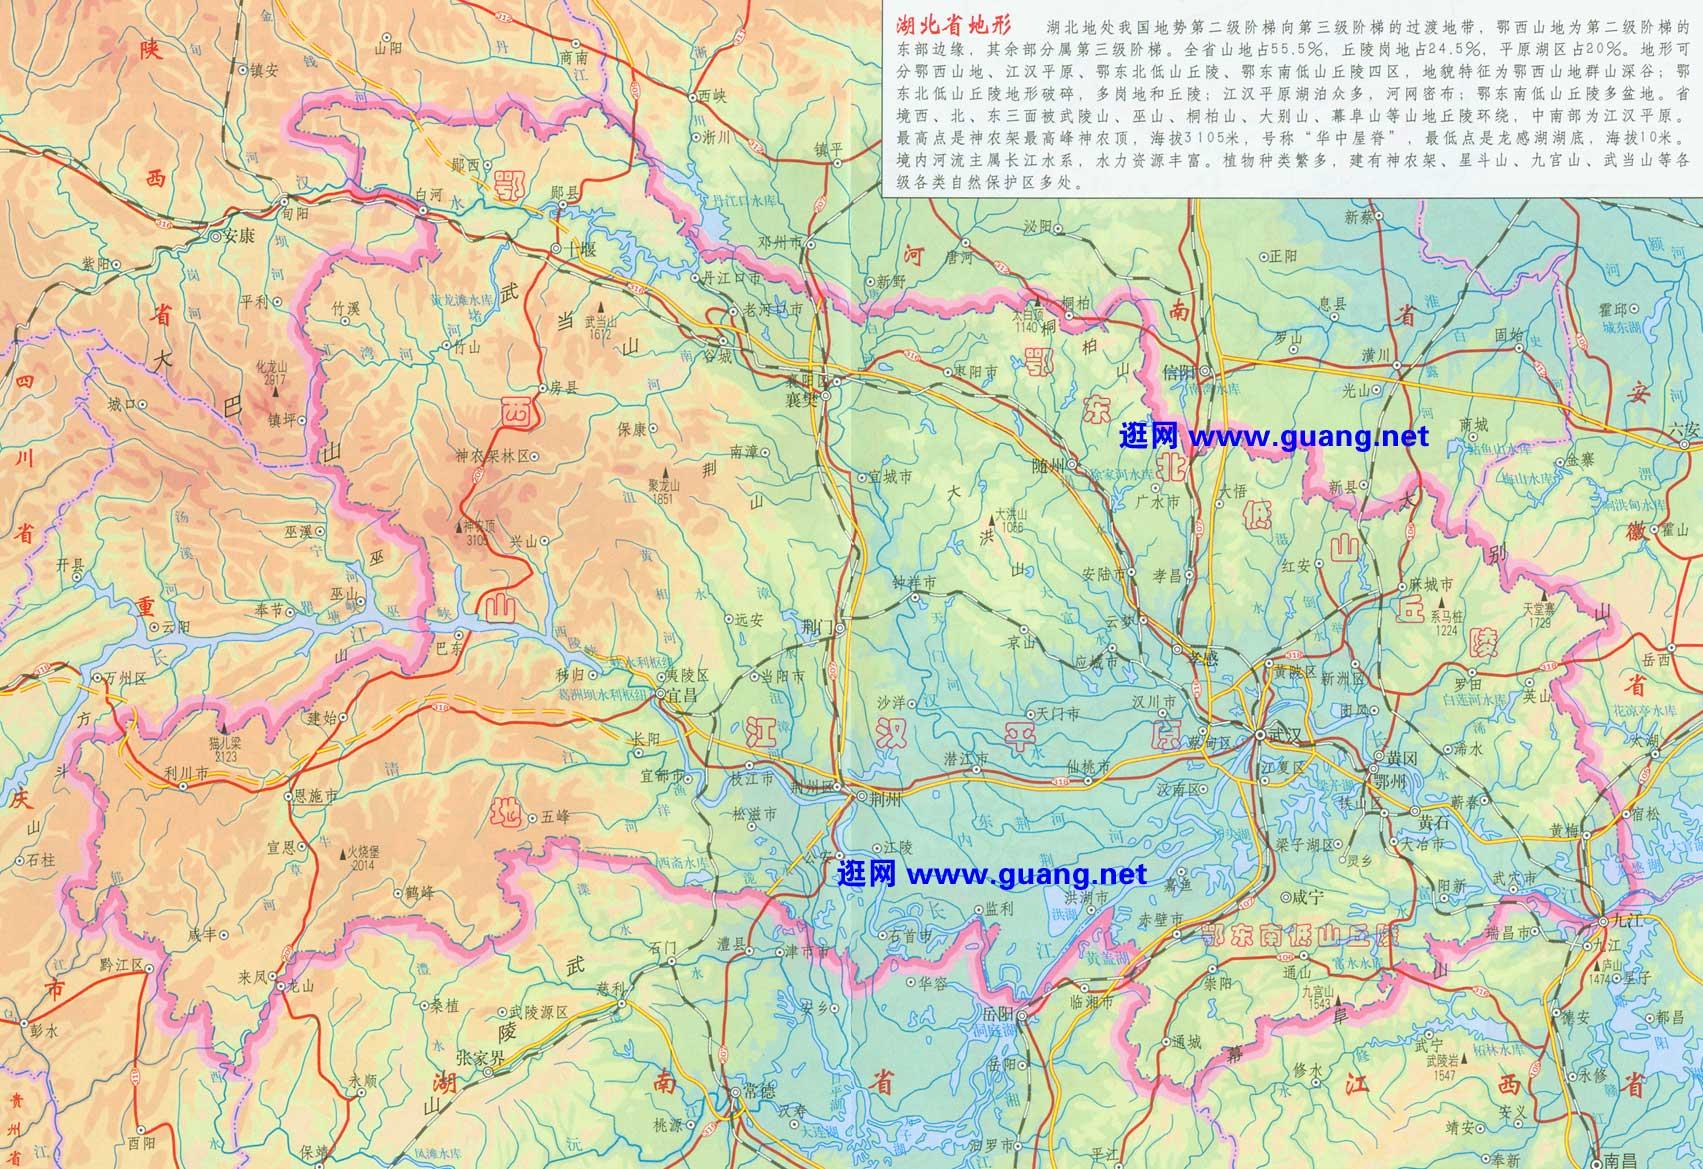 > 湖北地图